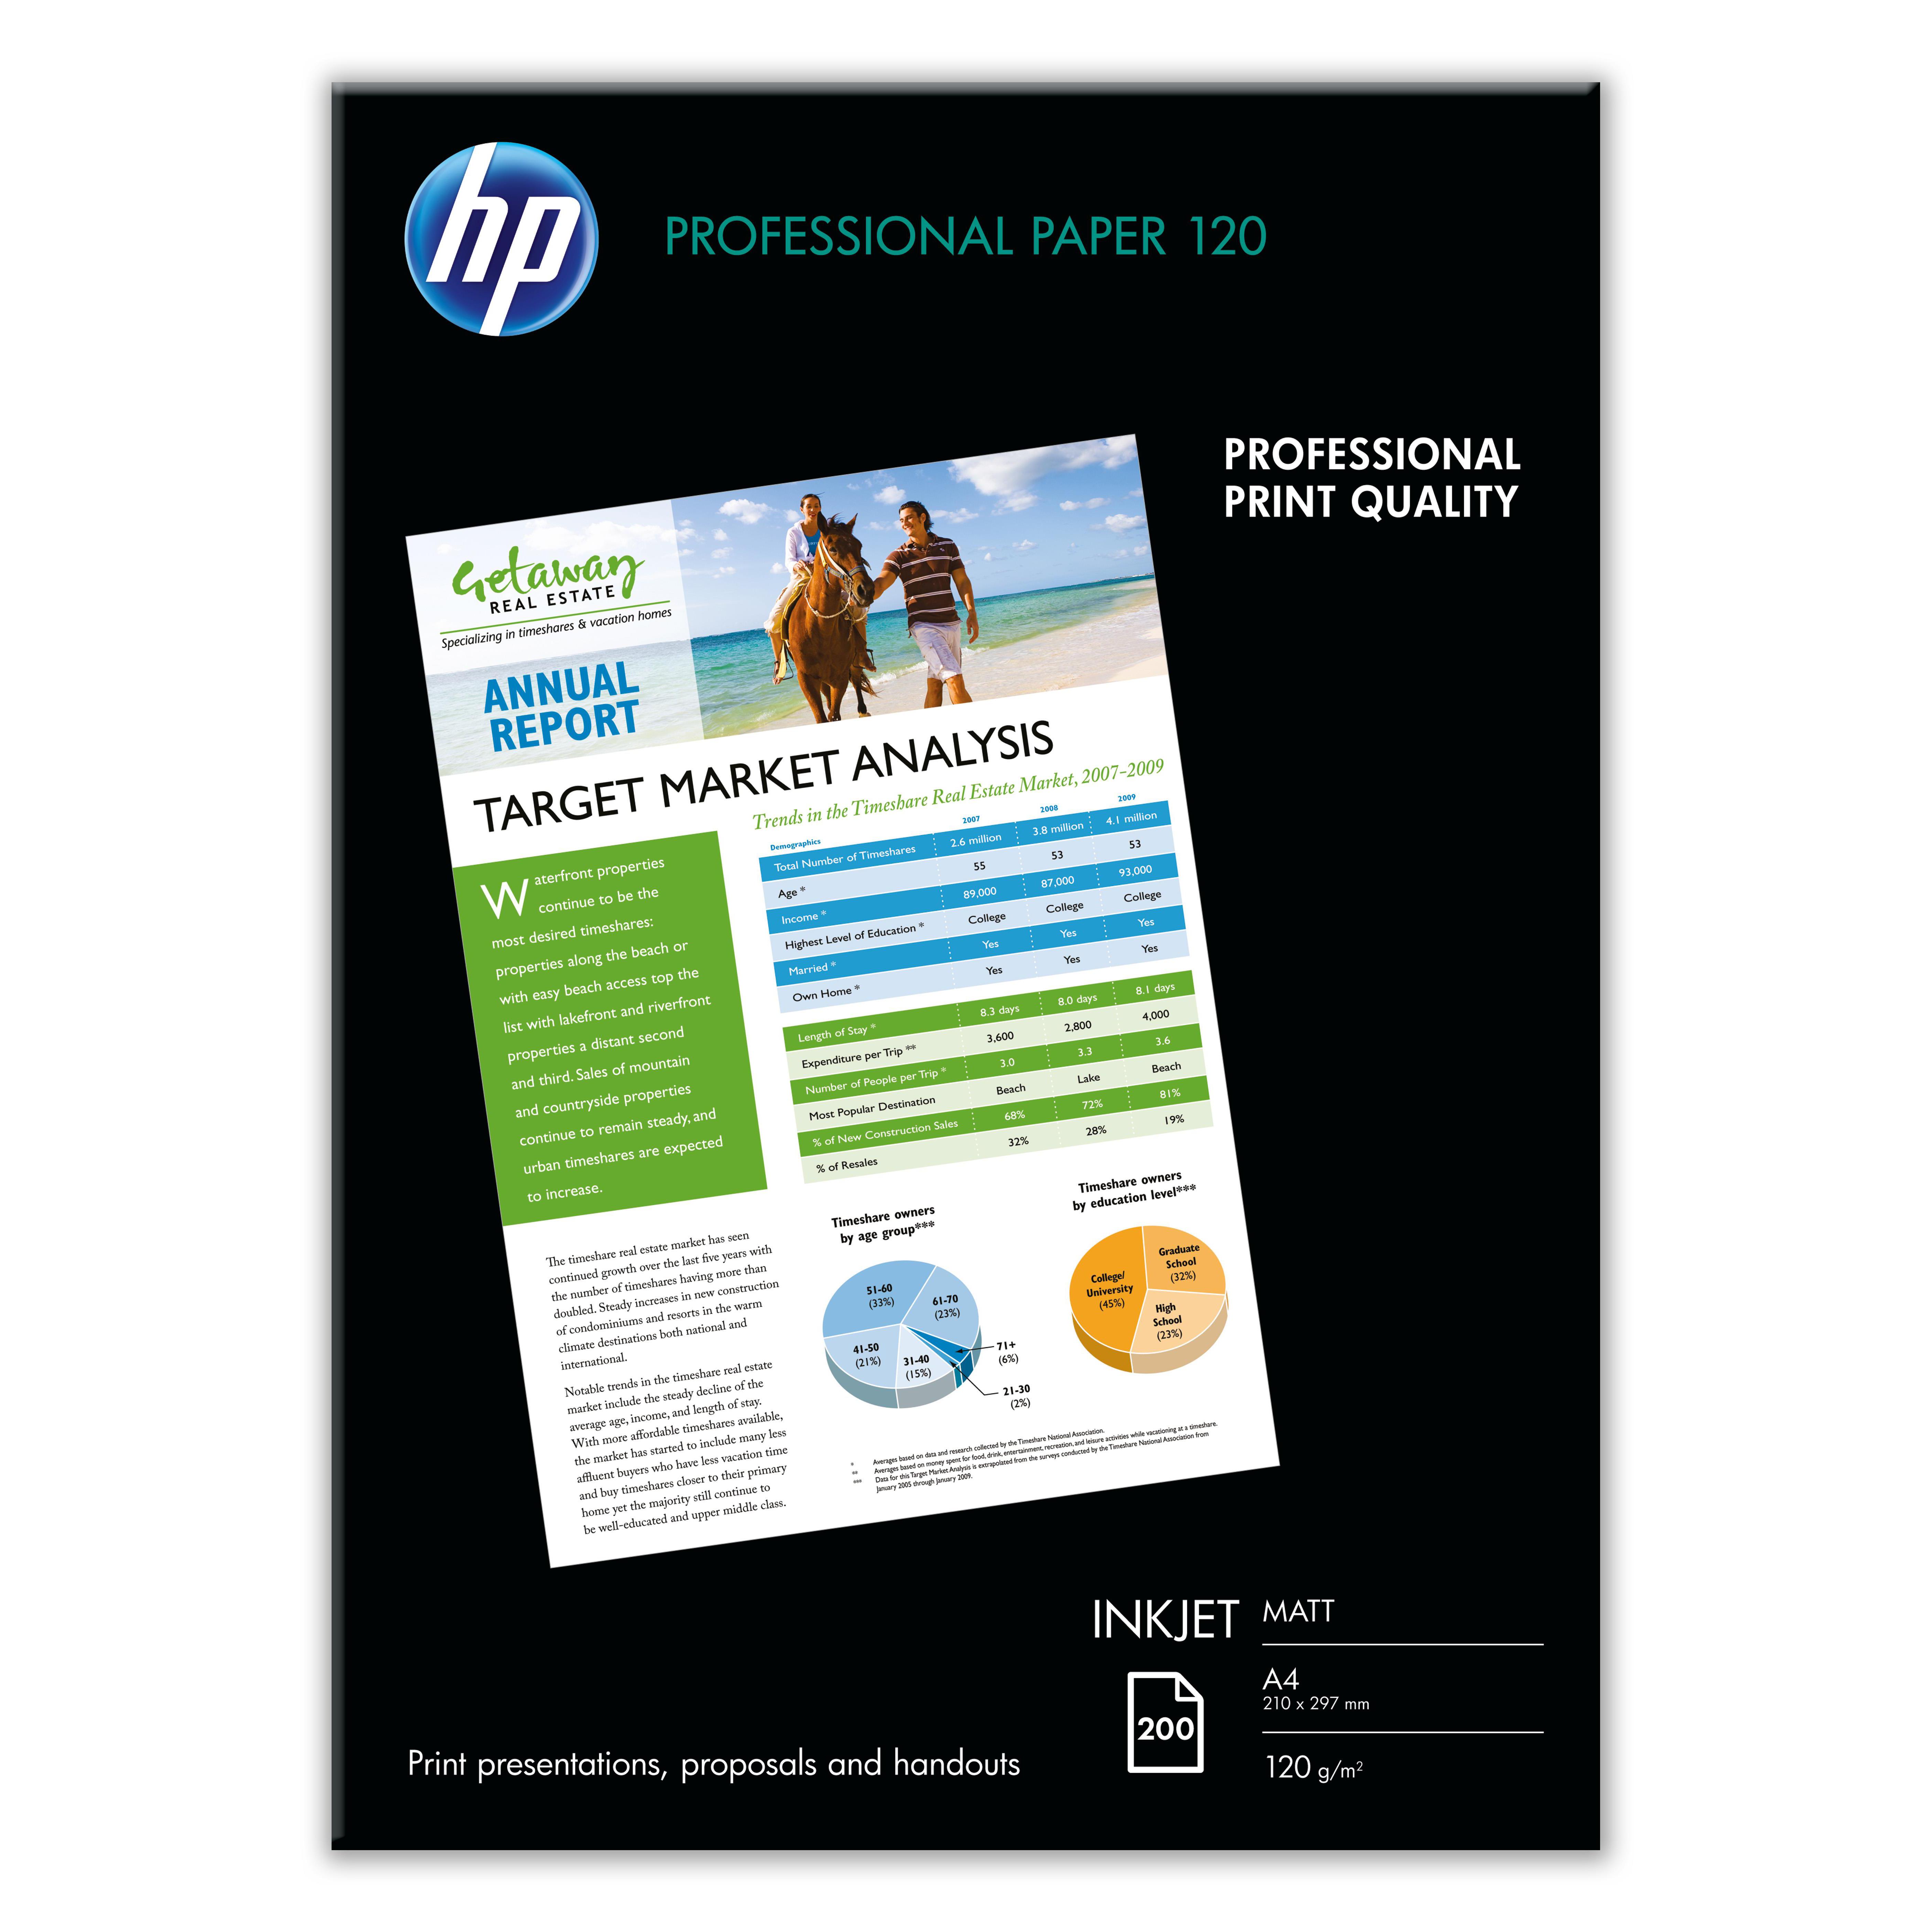 Hewlett Packard HP Professional Inkjet Paper Matt 120gsm A4 Ref Q6593A 200 Sheets